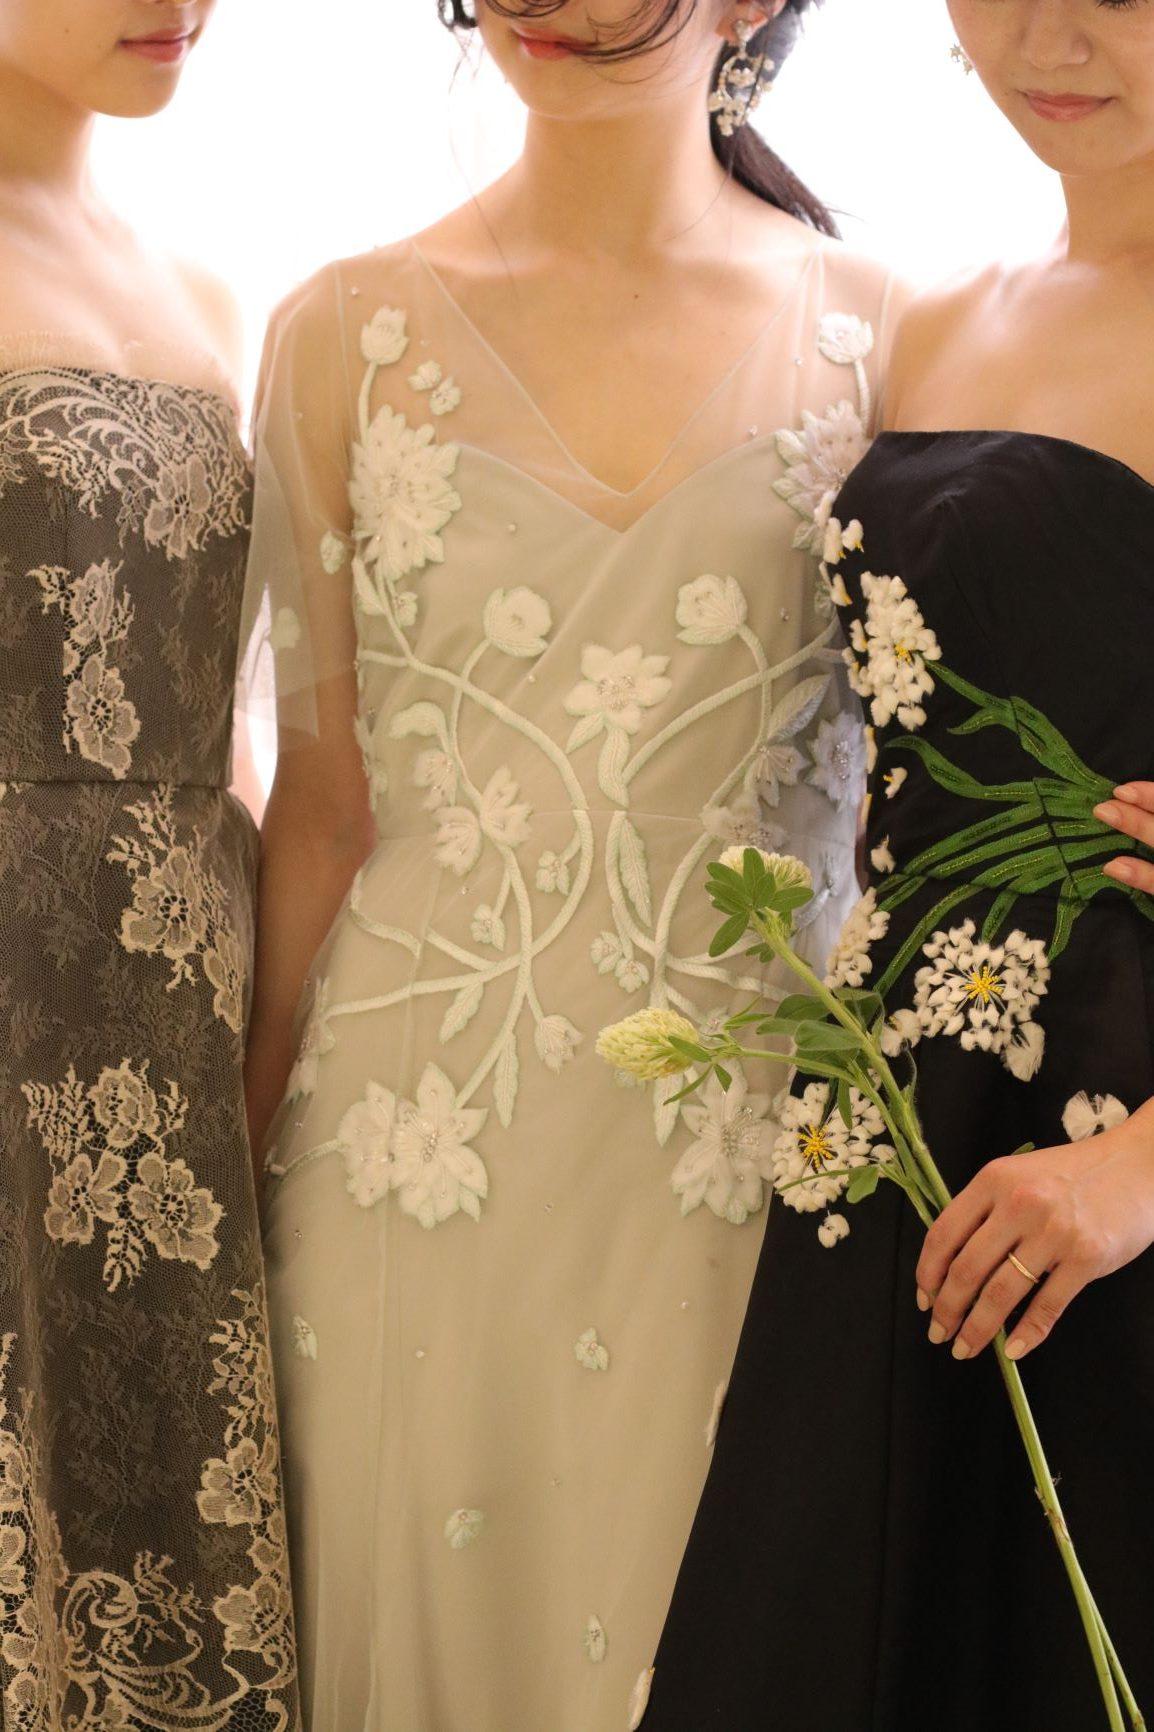 東京表参道にあるドレスショップ、ザ・トリート・ドレッシングでは海外ブランドより買い付けた、色味もデザインもどこにでもありそうでどこにもない、心くすぐられるカラードレスがレンタル可能です